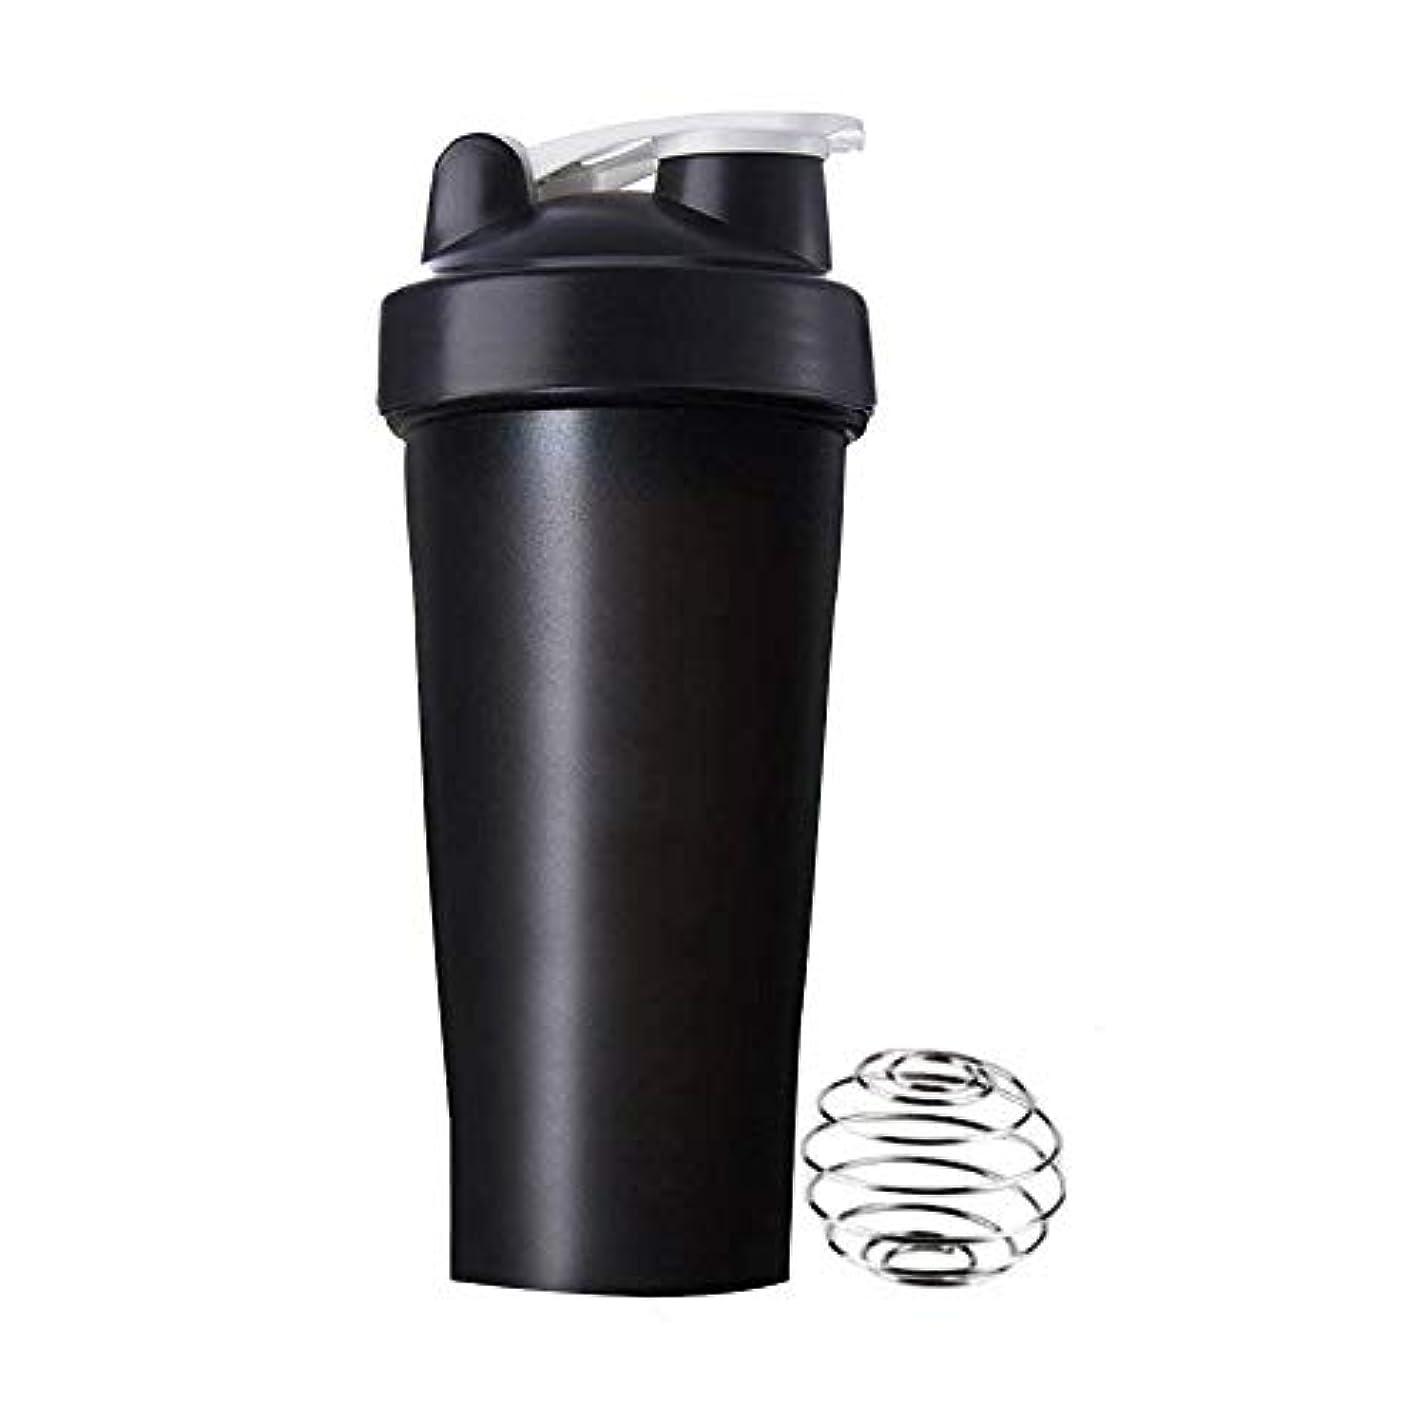 戸棚癌コードSimg プロテインシェイカー 直飲み プラスチックウォーターボトル ジム シェーカーボトル 600ml